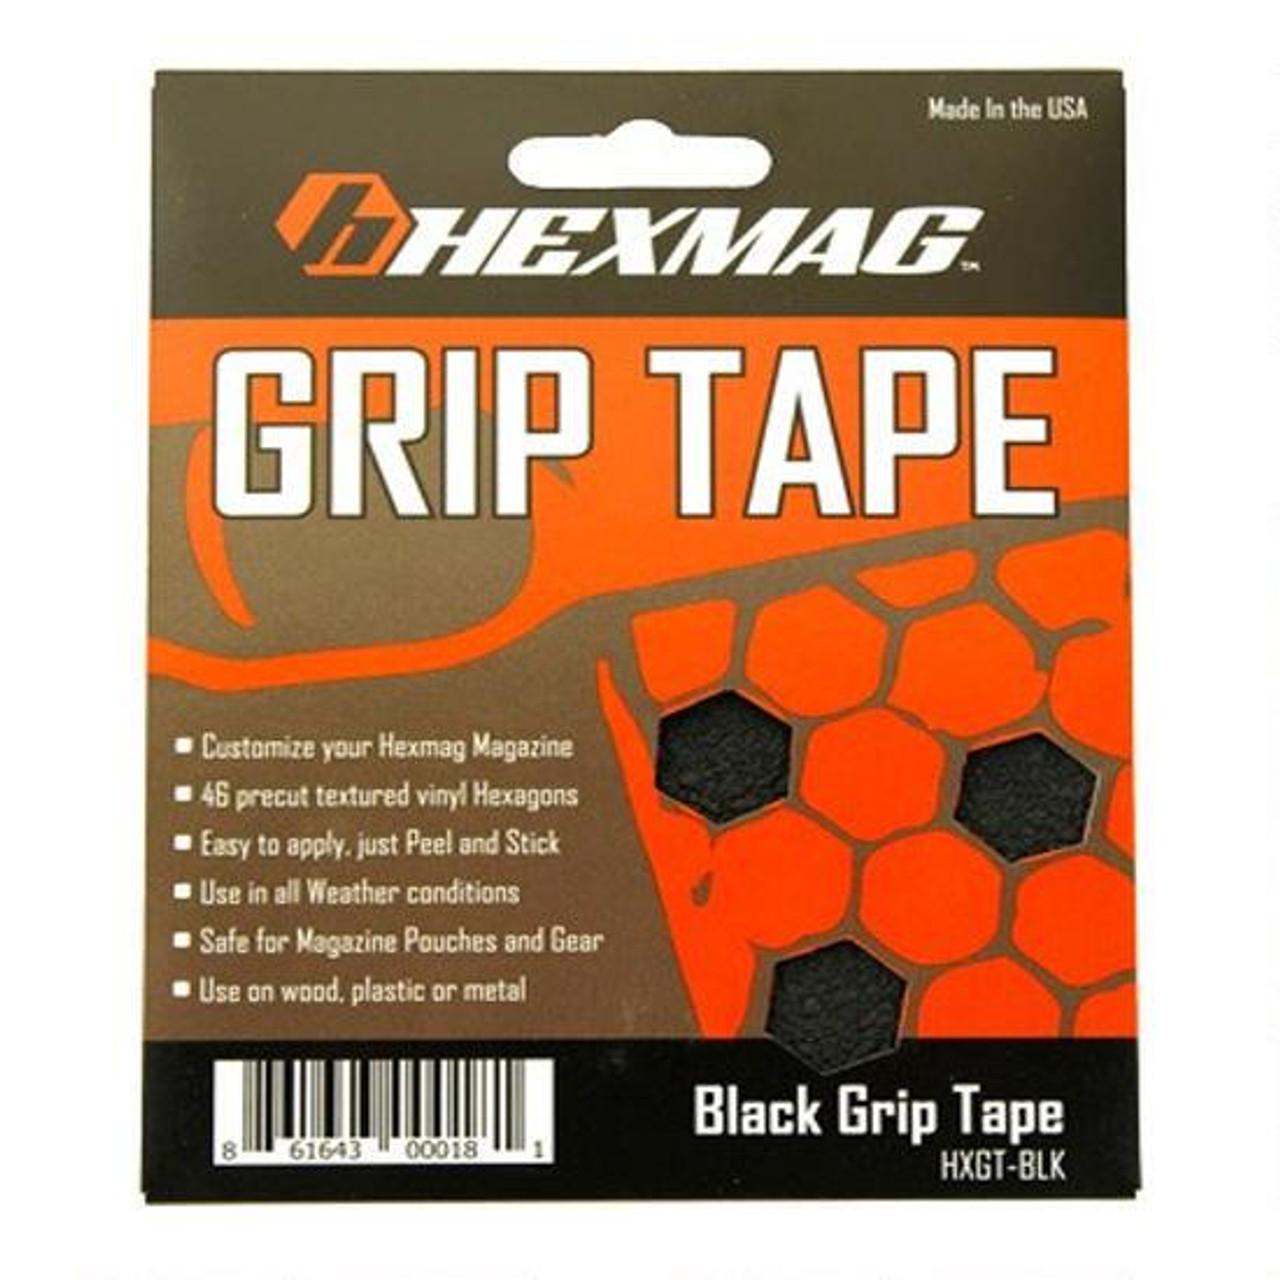 HexMag - Grip Tape - Black